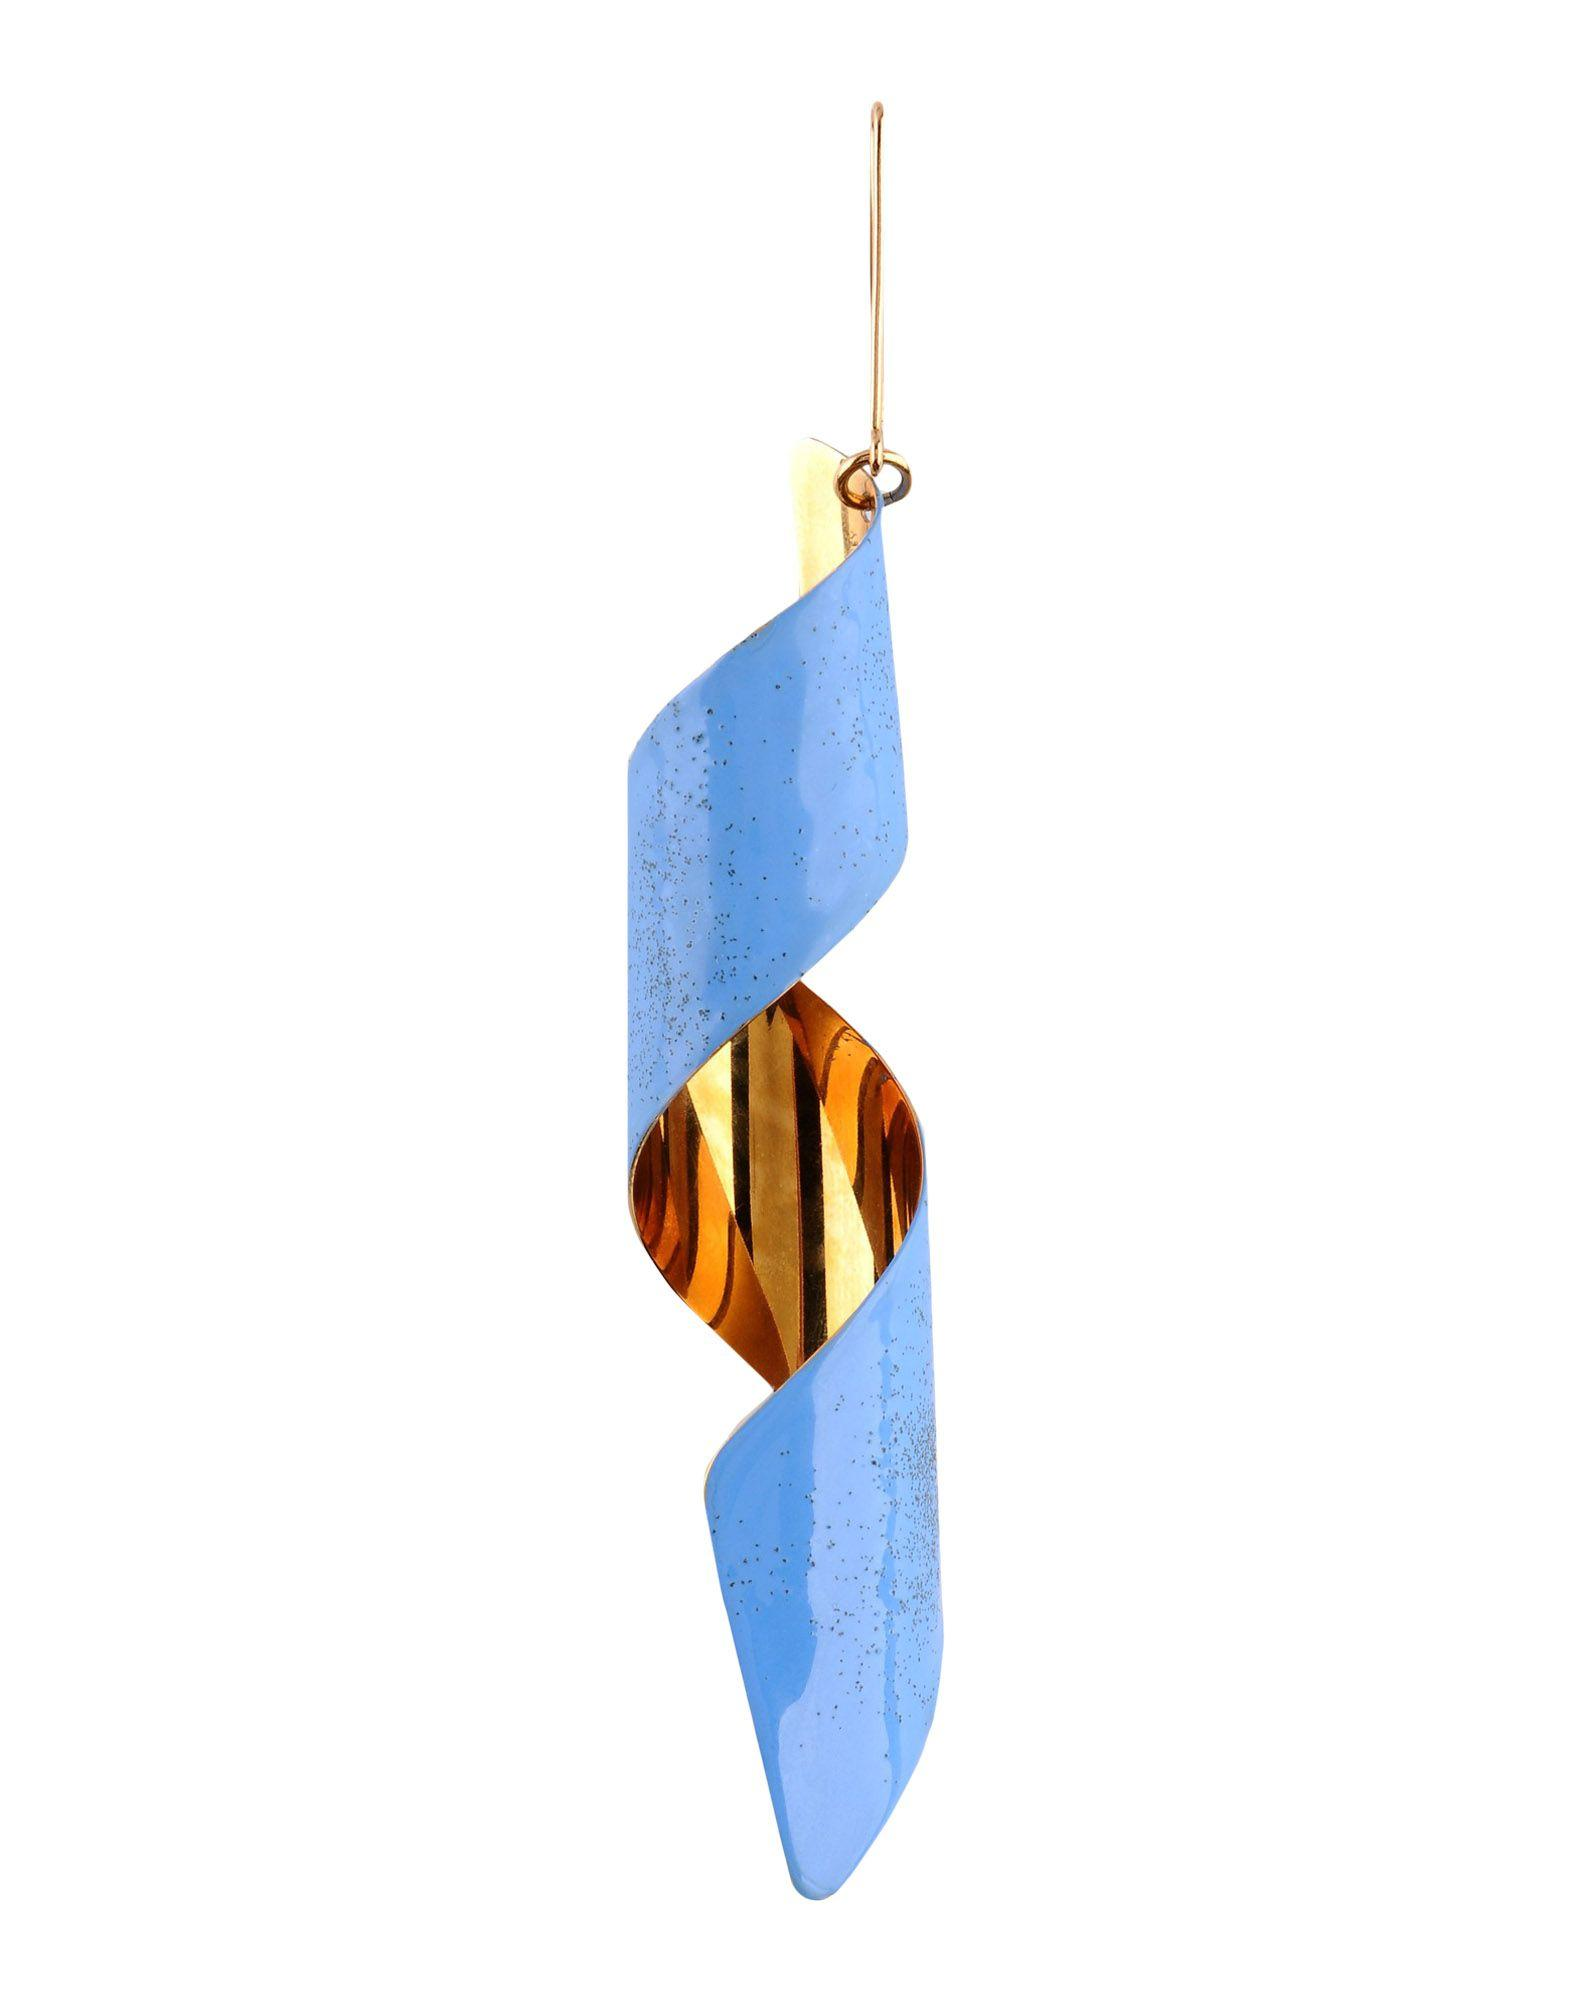 Stella Mccartney Earrings In Azure